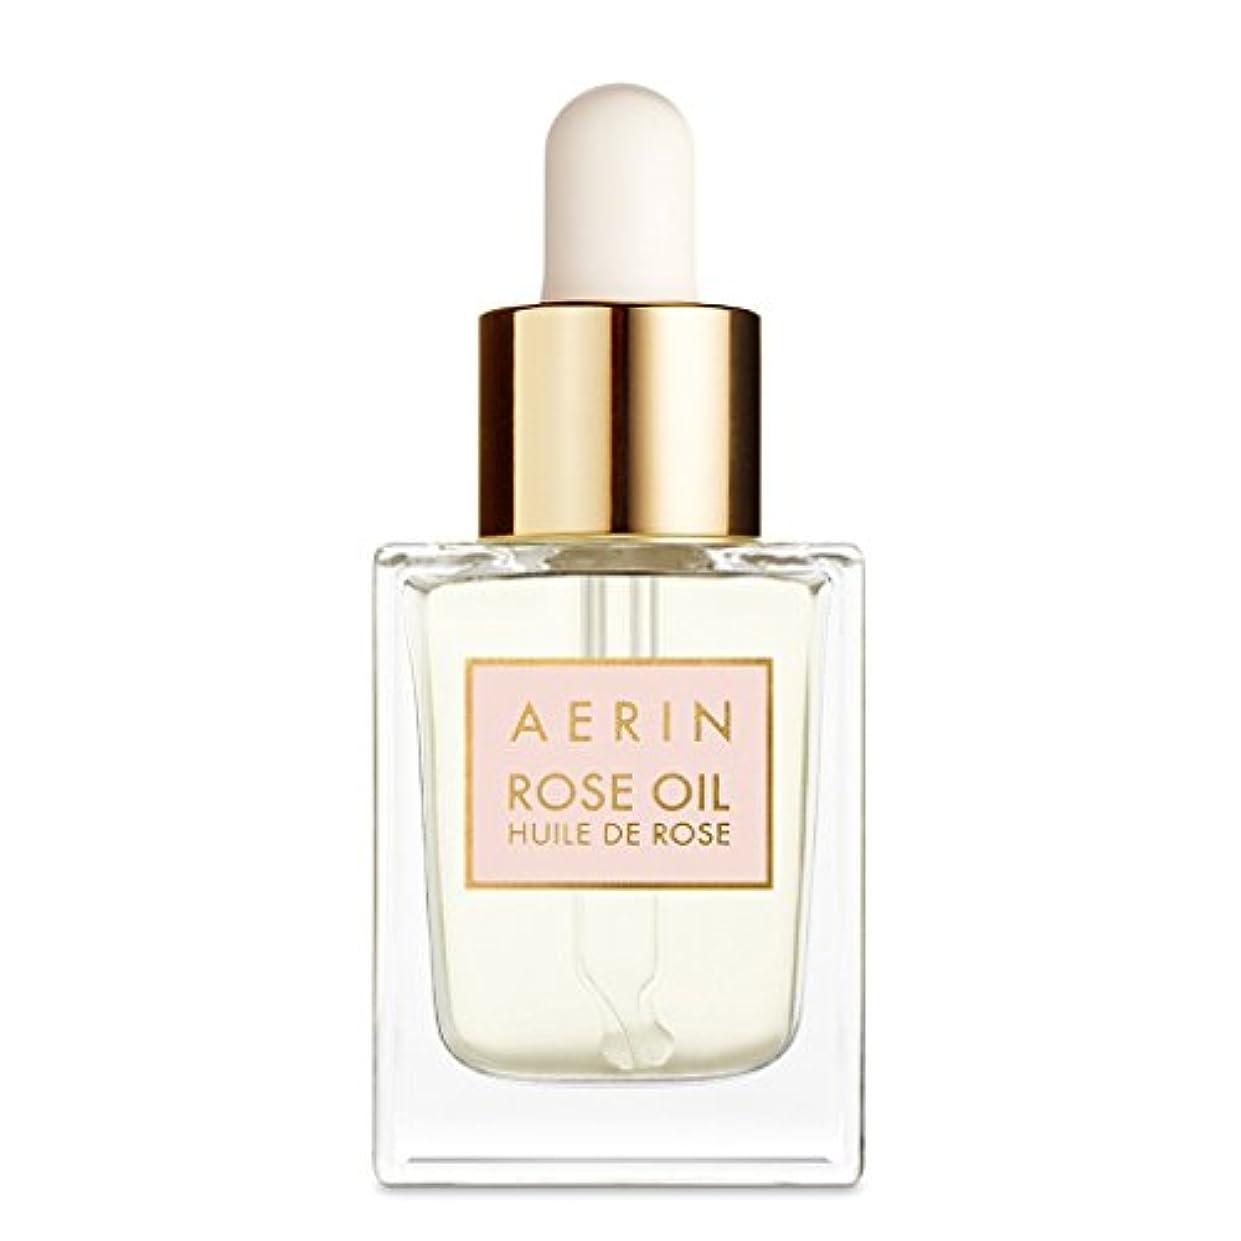 AERIN Rose Oil(アエリン ローズ オイル) 1.0 oz (30ml) by Estee Lauder for Women